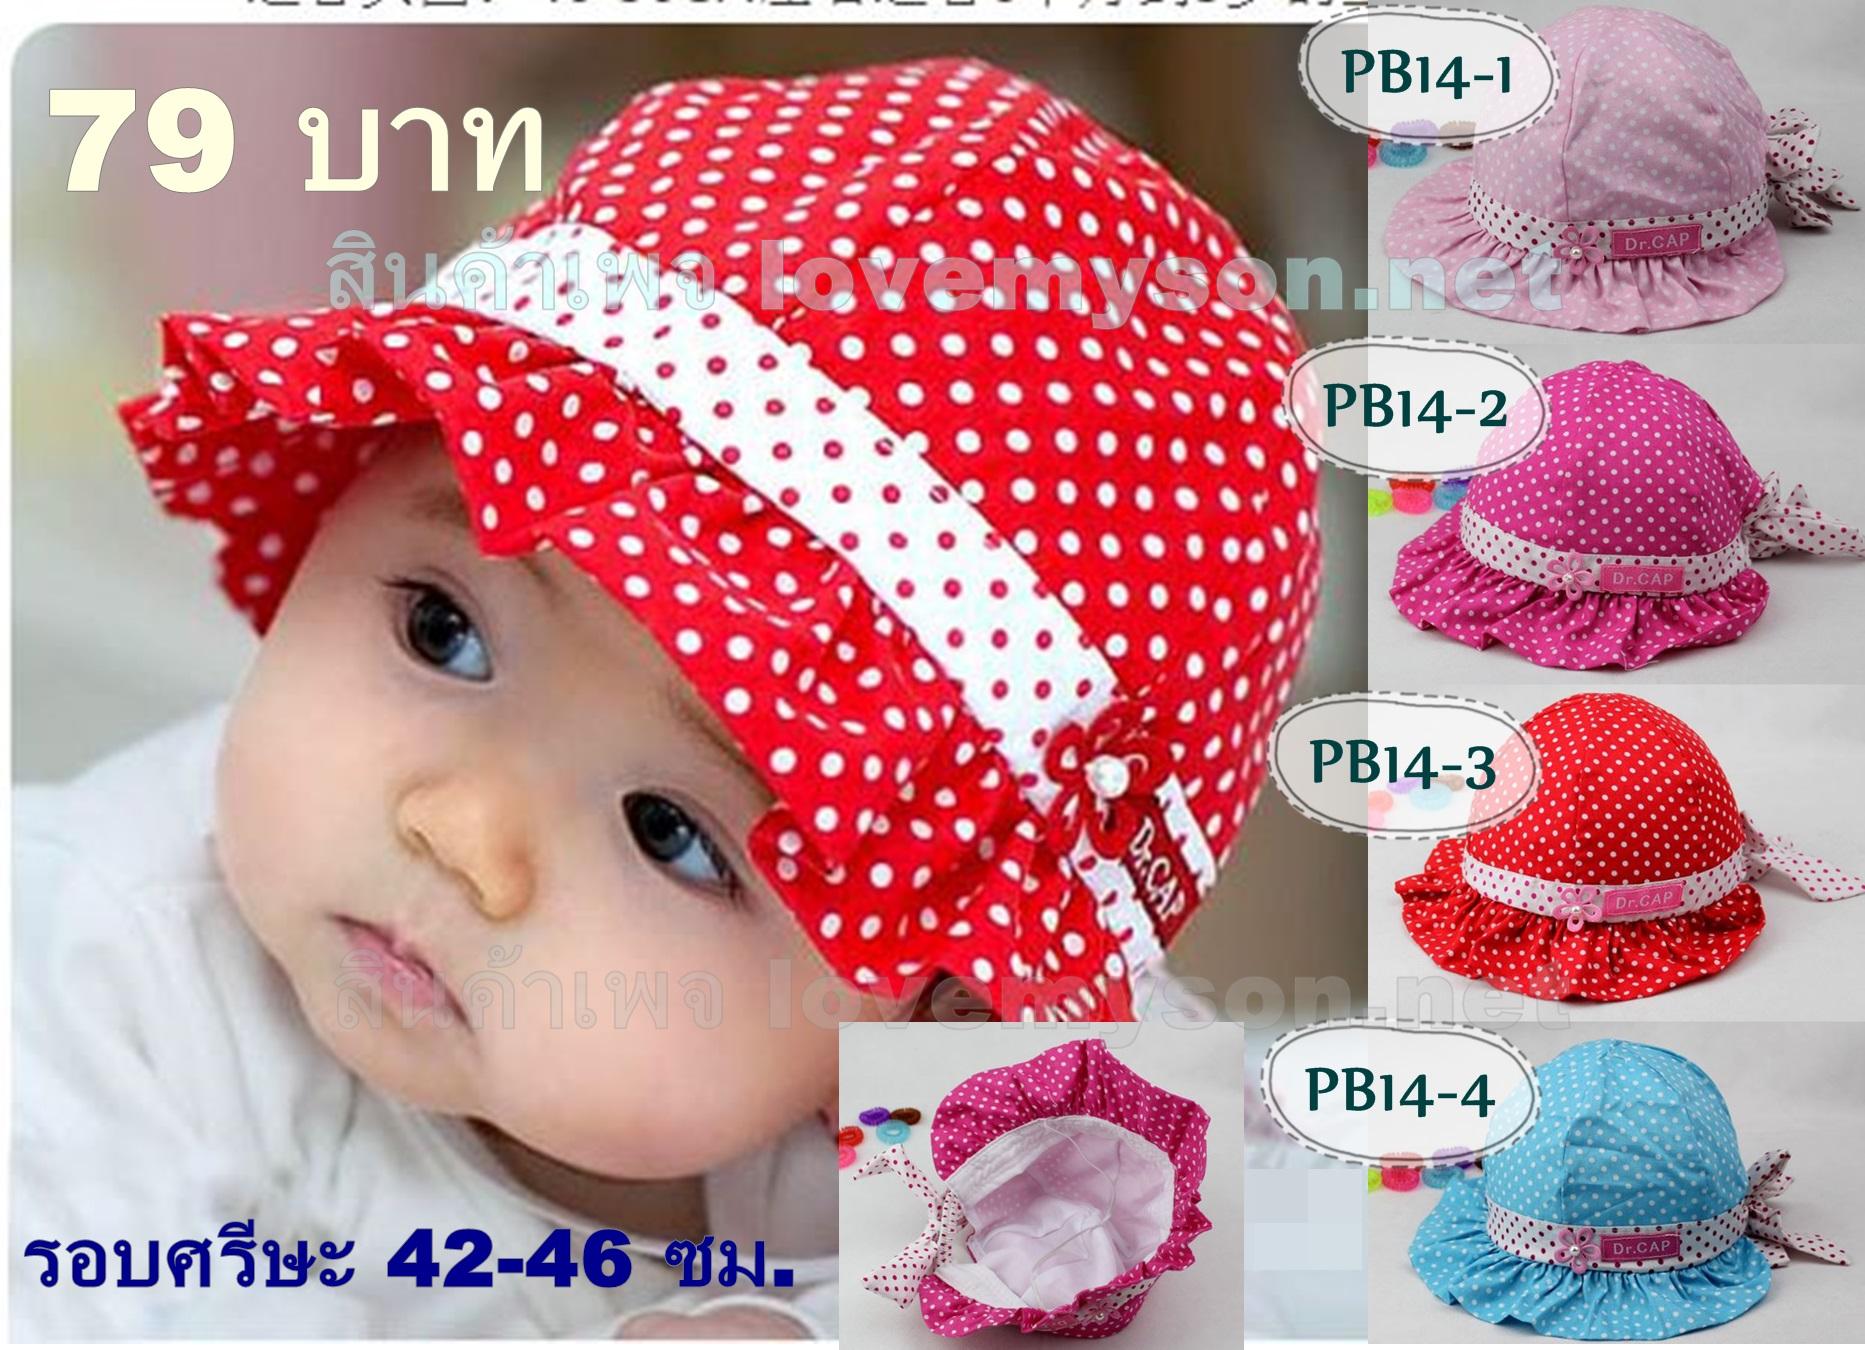 หมวกเด็กหญิง สีชมพูเข้ม สีชมพู สีแดง สีฟ้า PB14